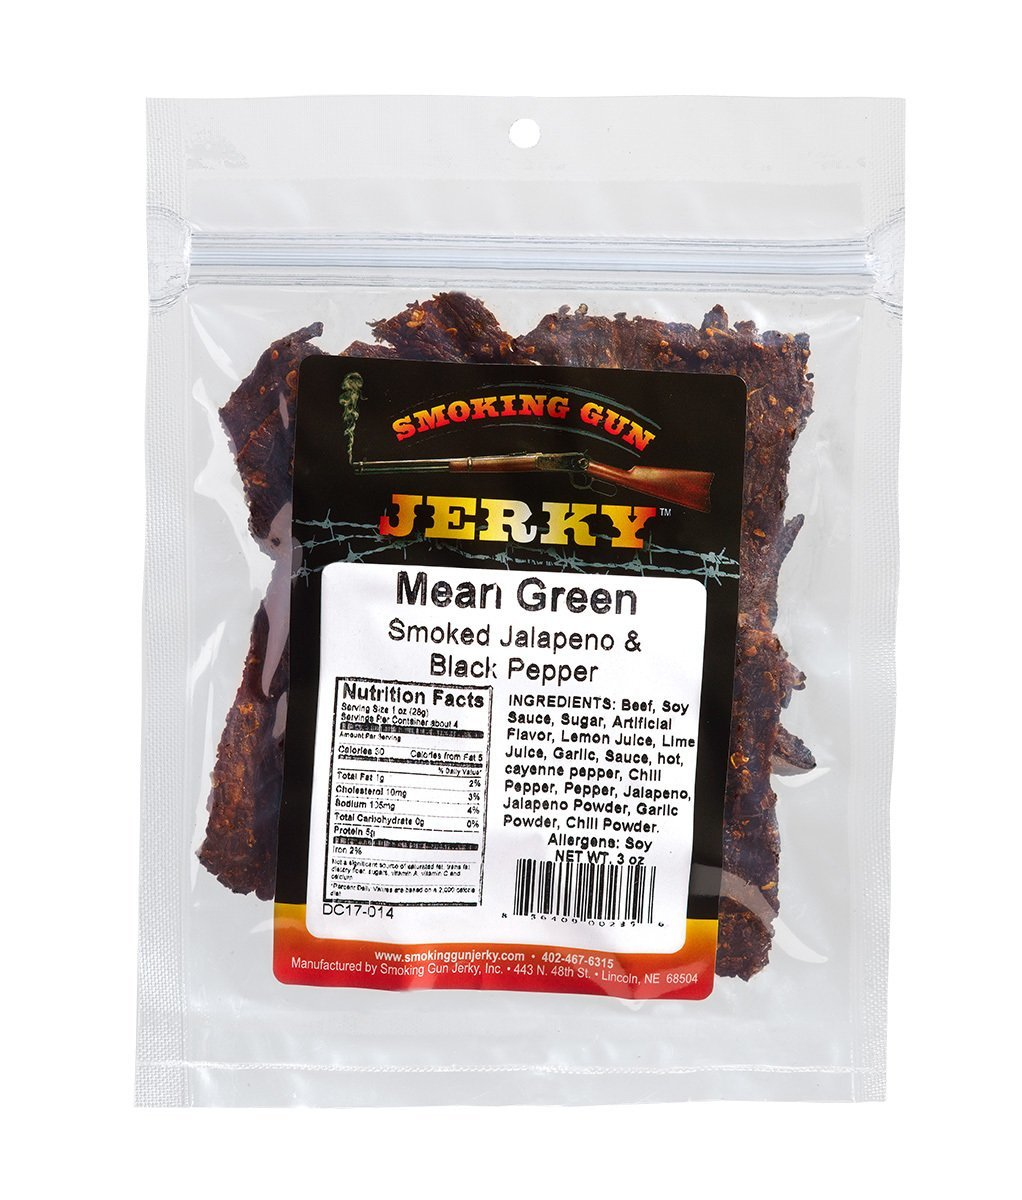 Mean Green Beef Jerky, 2.75 oz. Pkg.